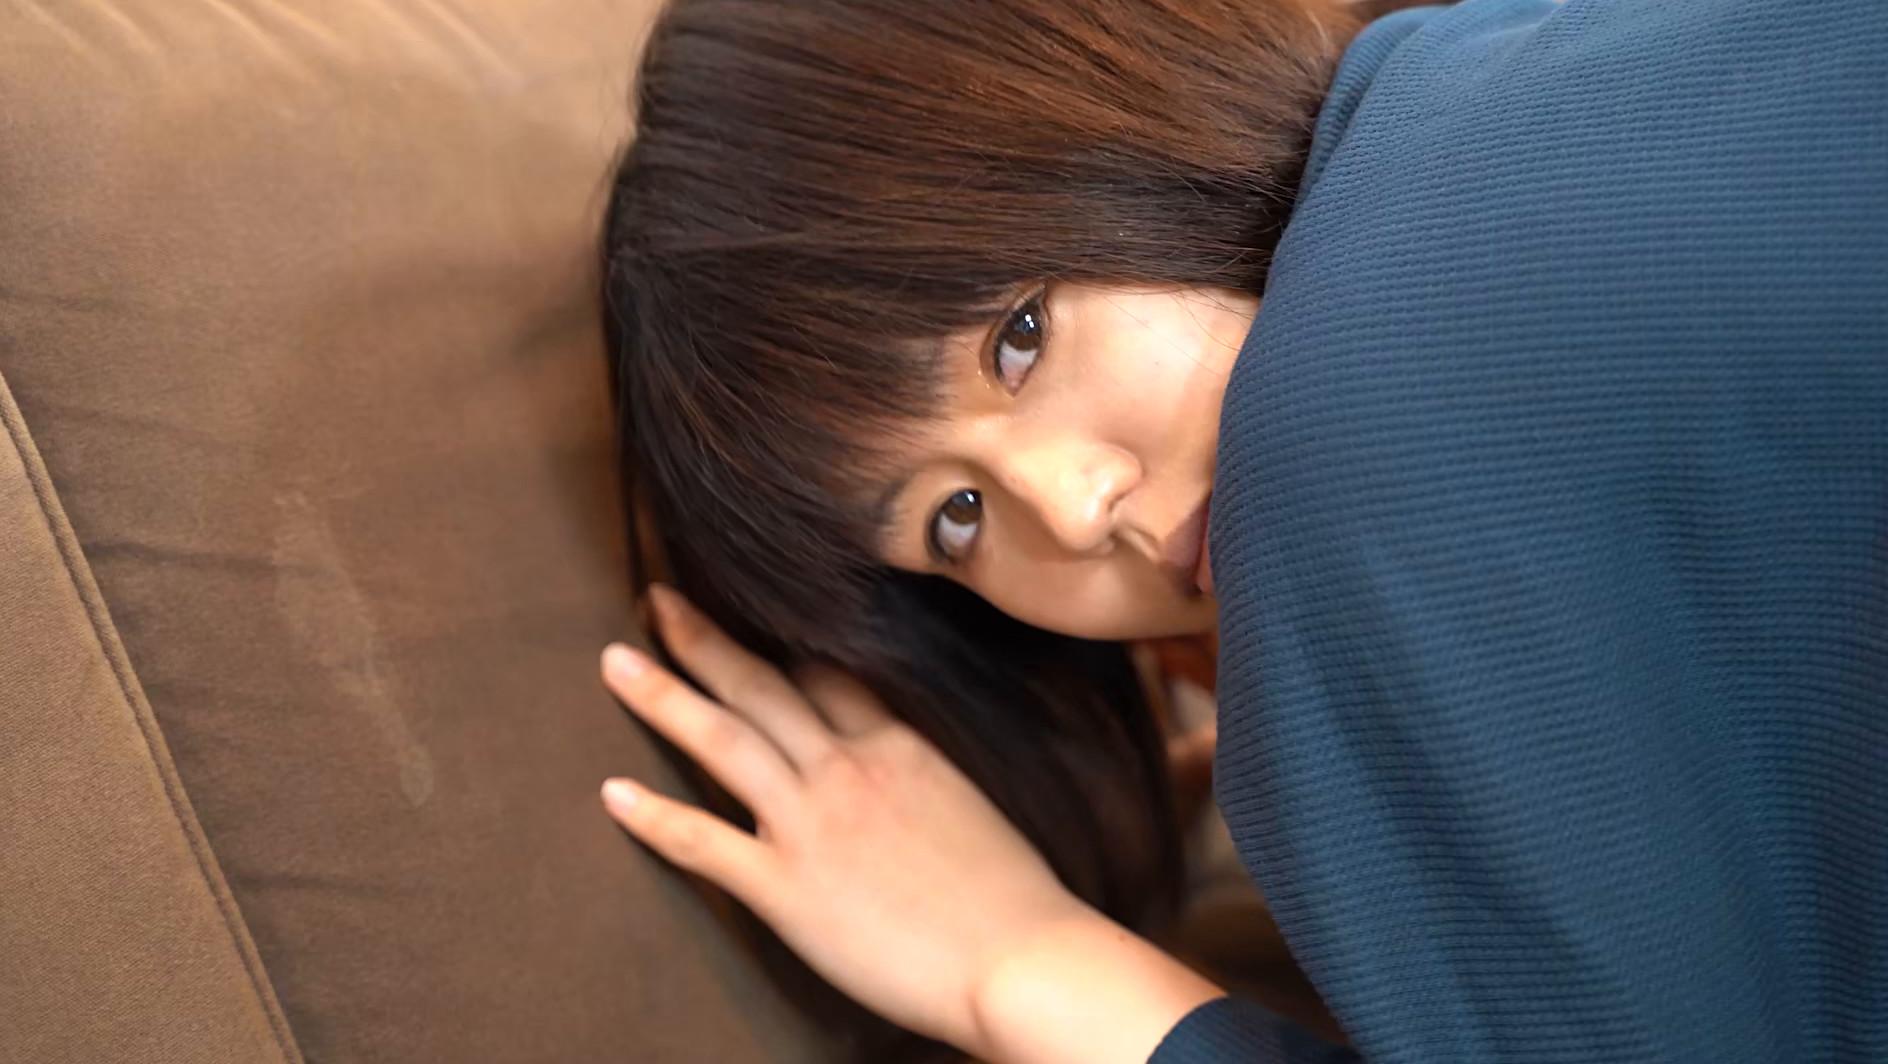 アナルを見せるのはイイけど、オ●ンコは・・・嫌だから前貼りを自分で貼ってお尻の穴を見せてあげる 長谷部智美 画像12